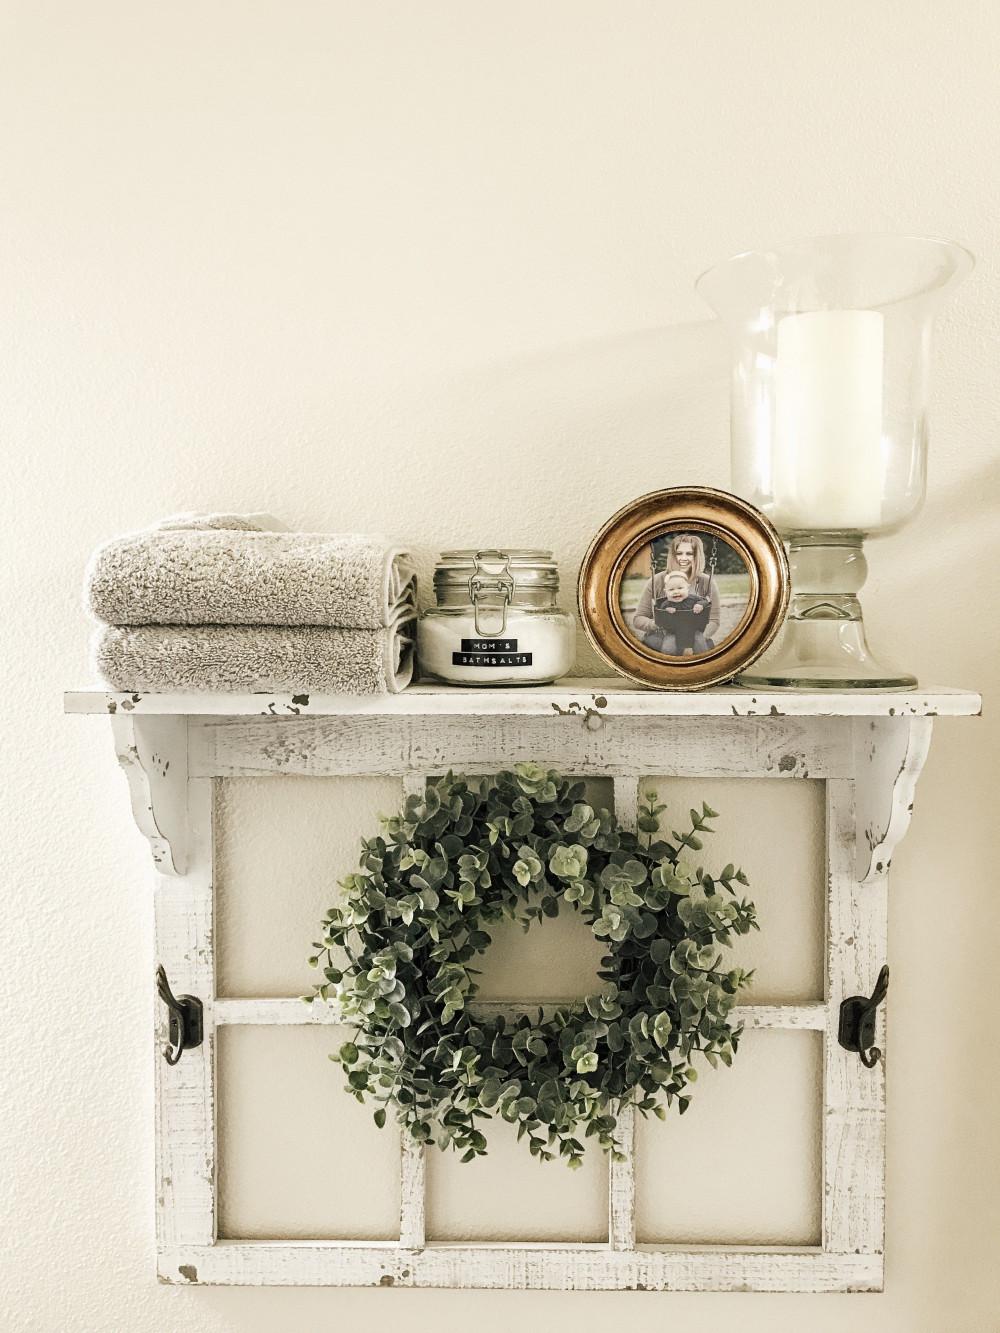 Hình 2. Một chiếc kệ đựng đồ dịu mát trong nhà tắm được kết hợp với khung cửa sổ cũ điểm vào giữa vòng nguyệt quế xanh tươi mang lại cảm giác sang trọng, thanh lịch.